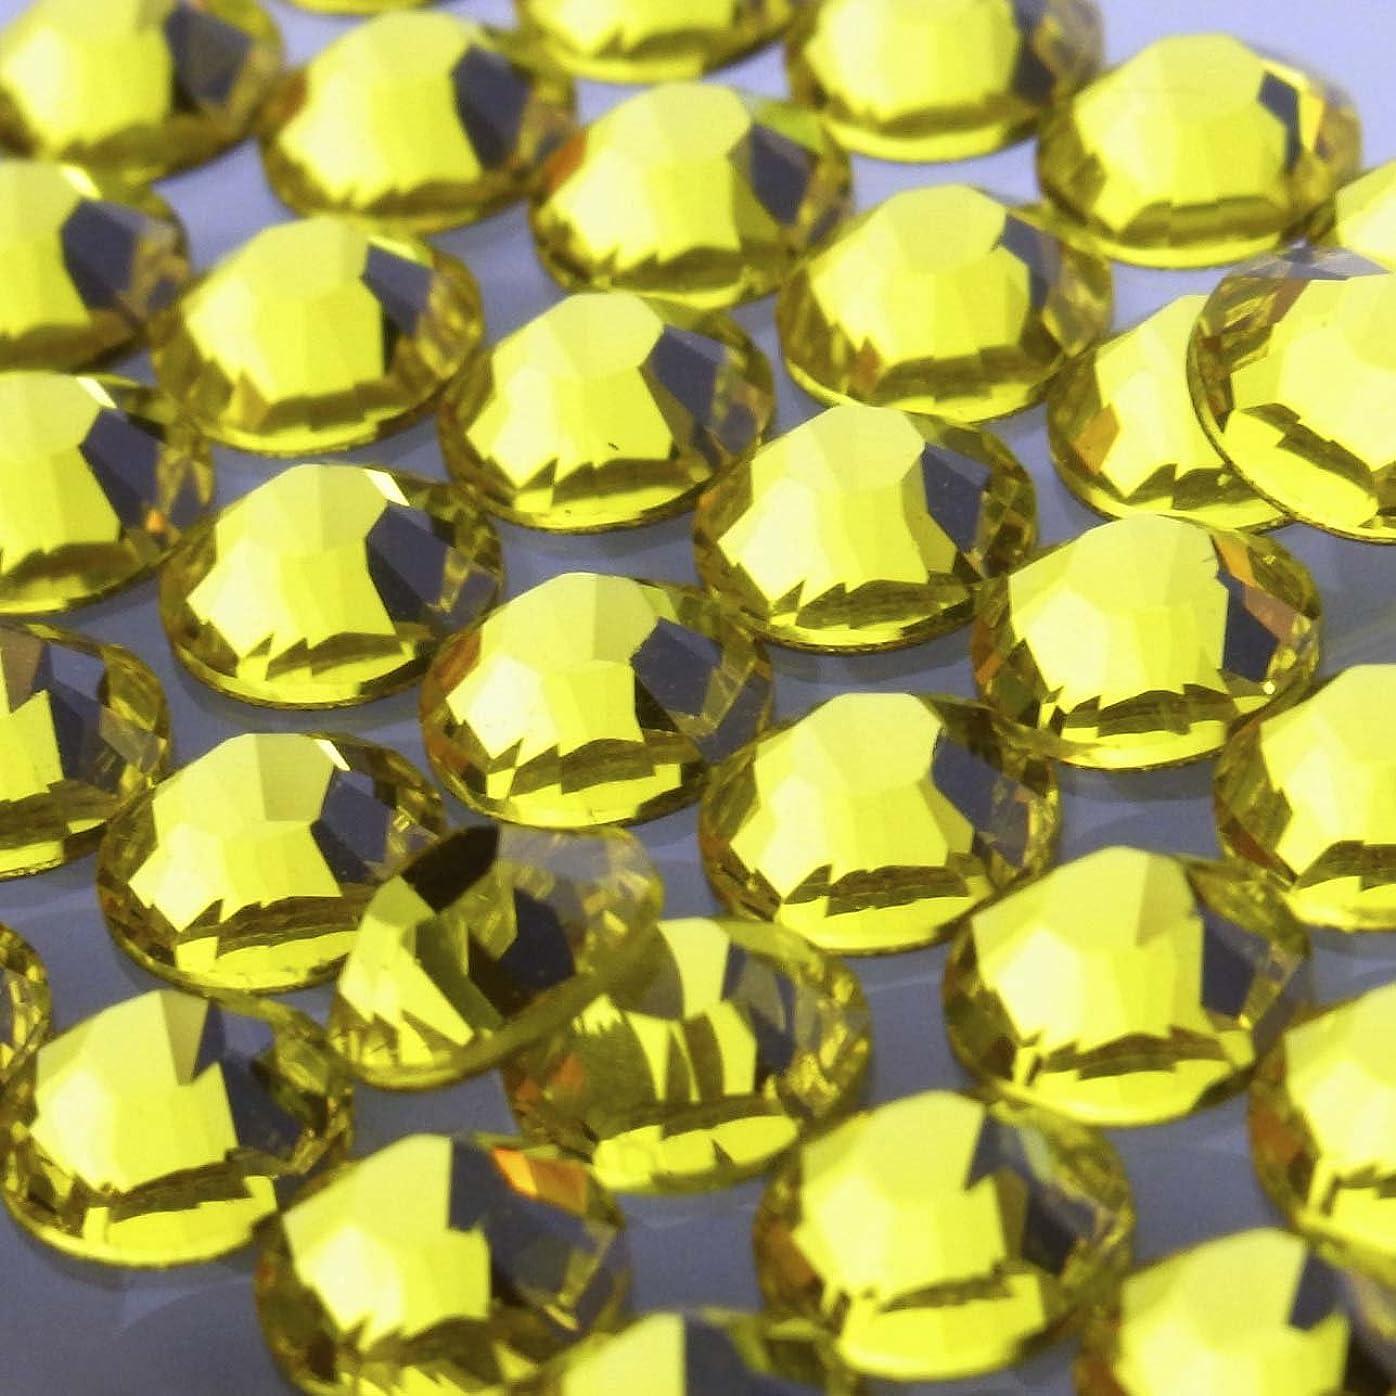 番号バレル一月Hotfixシトリンss20(100粒入り)スワロフスキーラインストーンホットフィックス